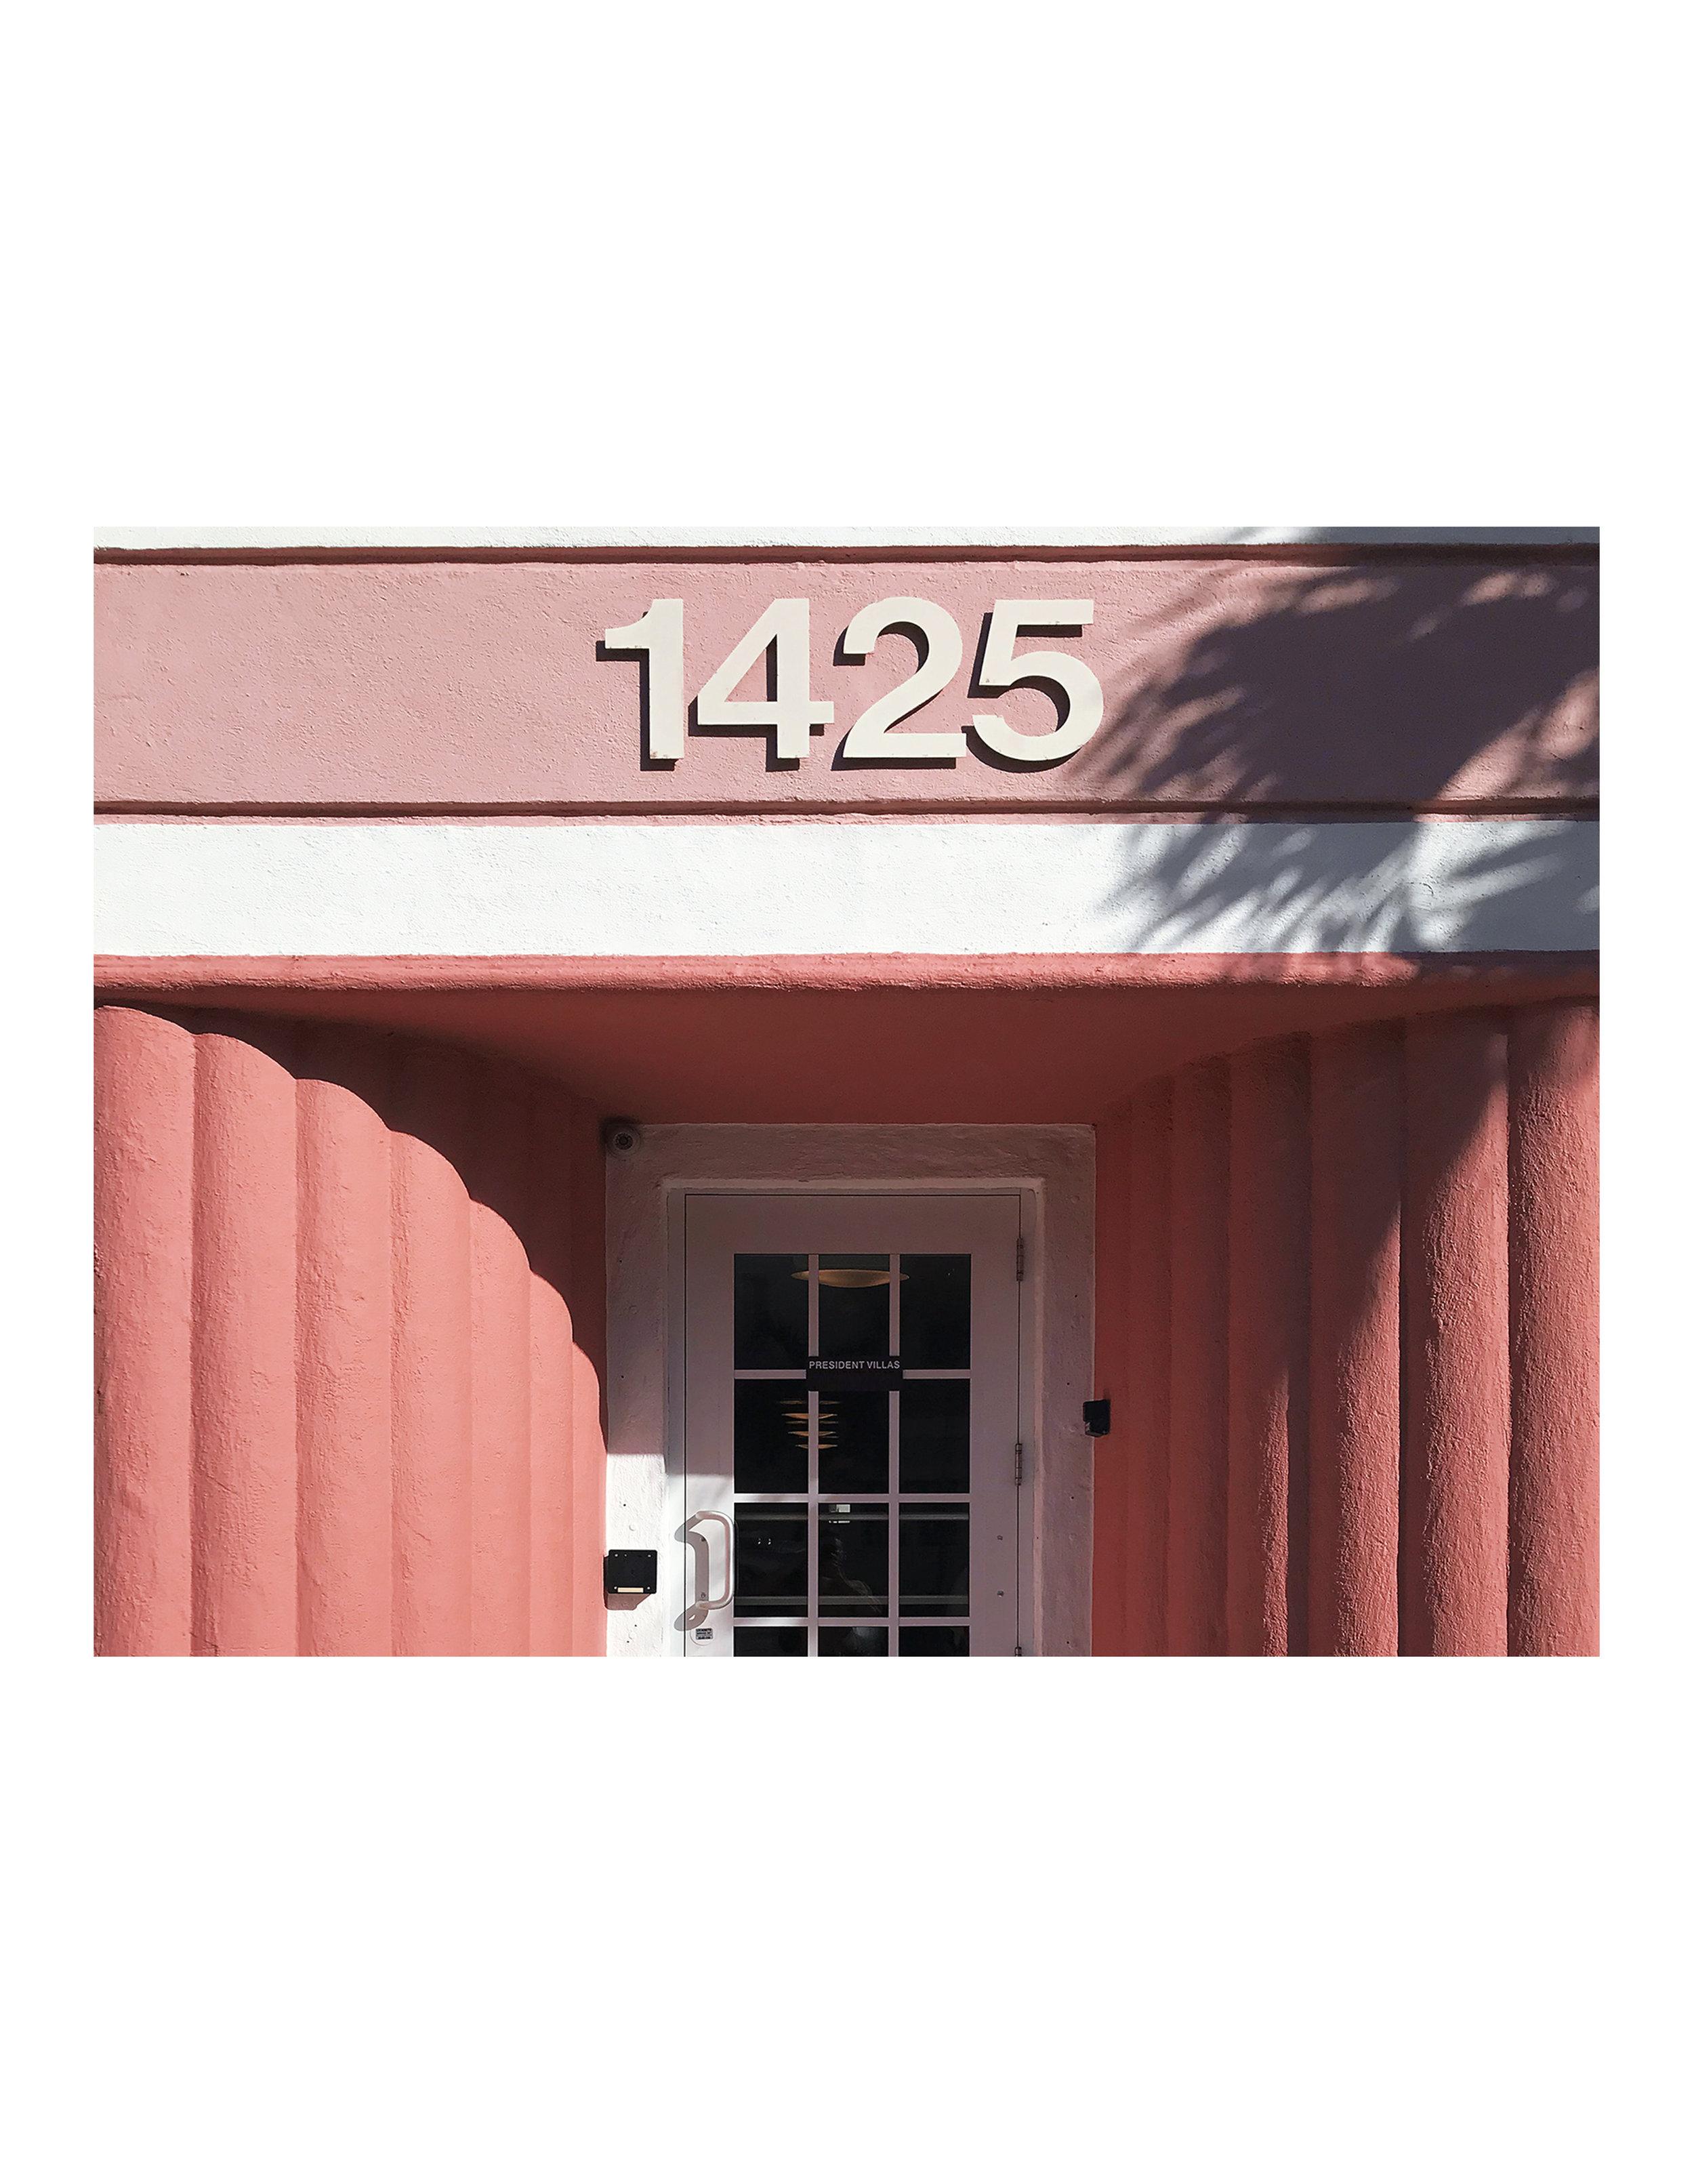 138.jpg